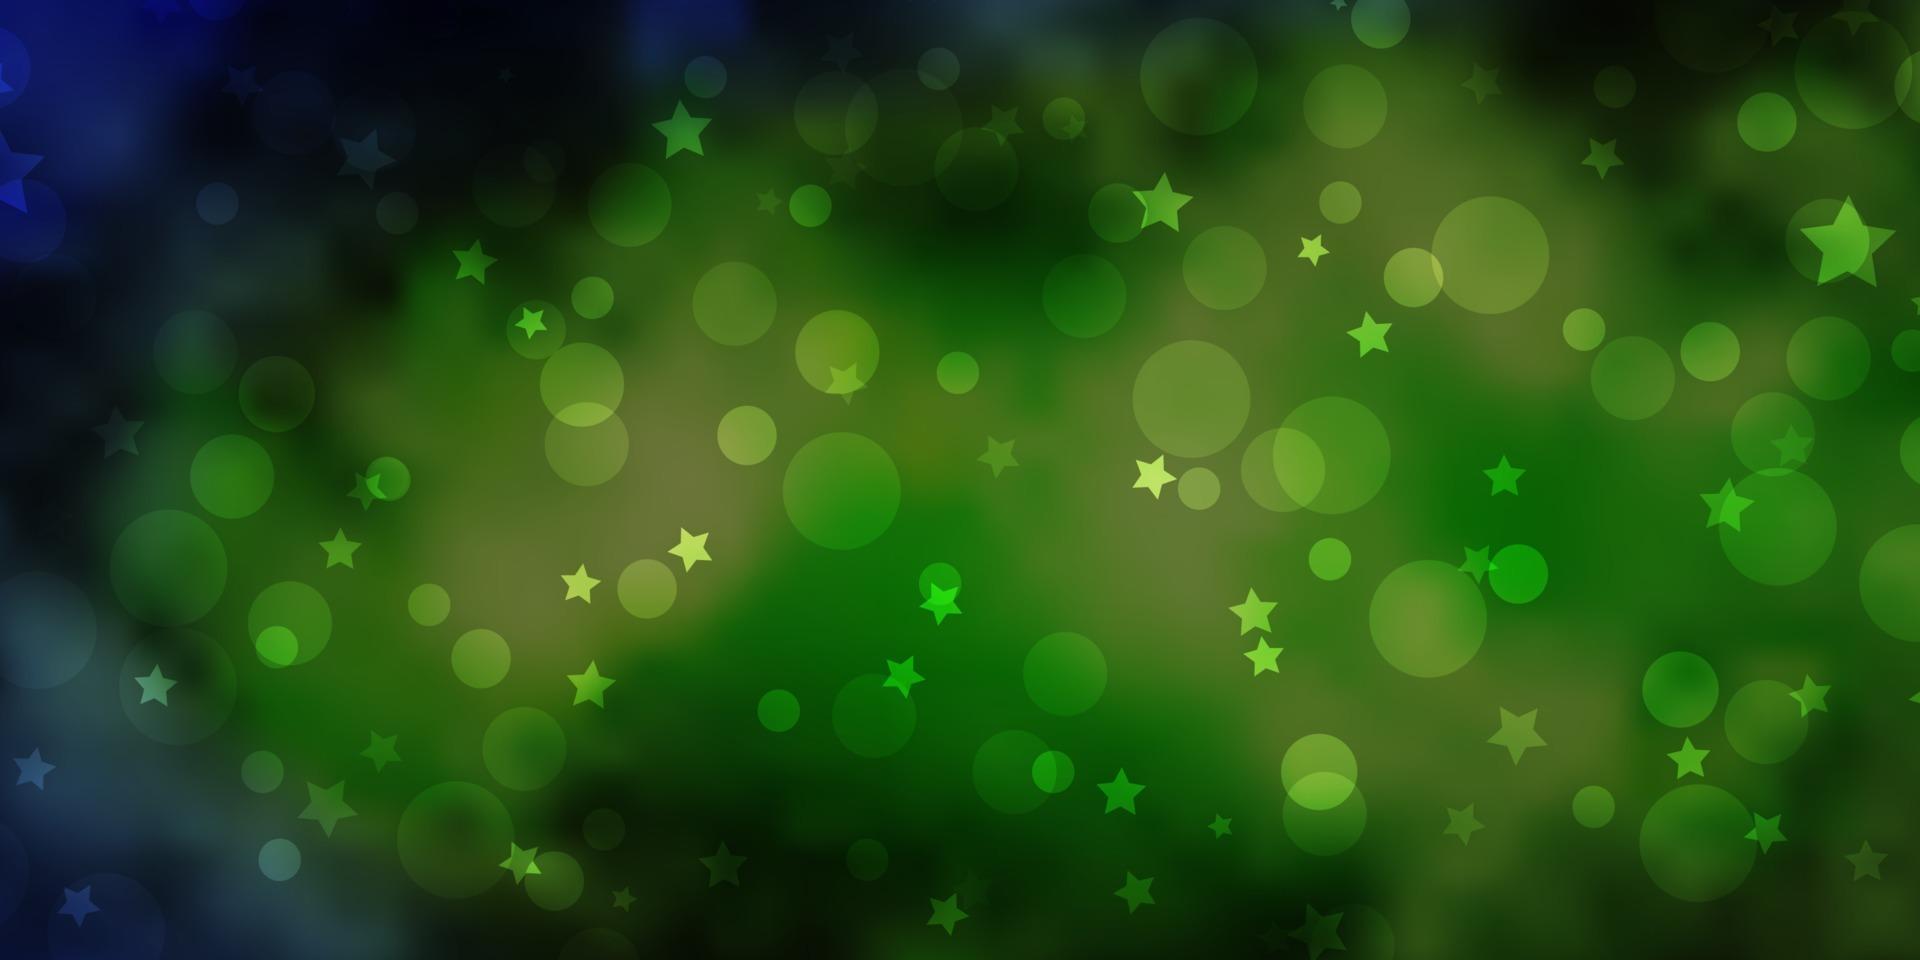 layout vettoriale azzurro, verde con cerchi, stelle.